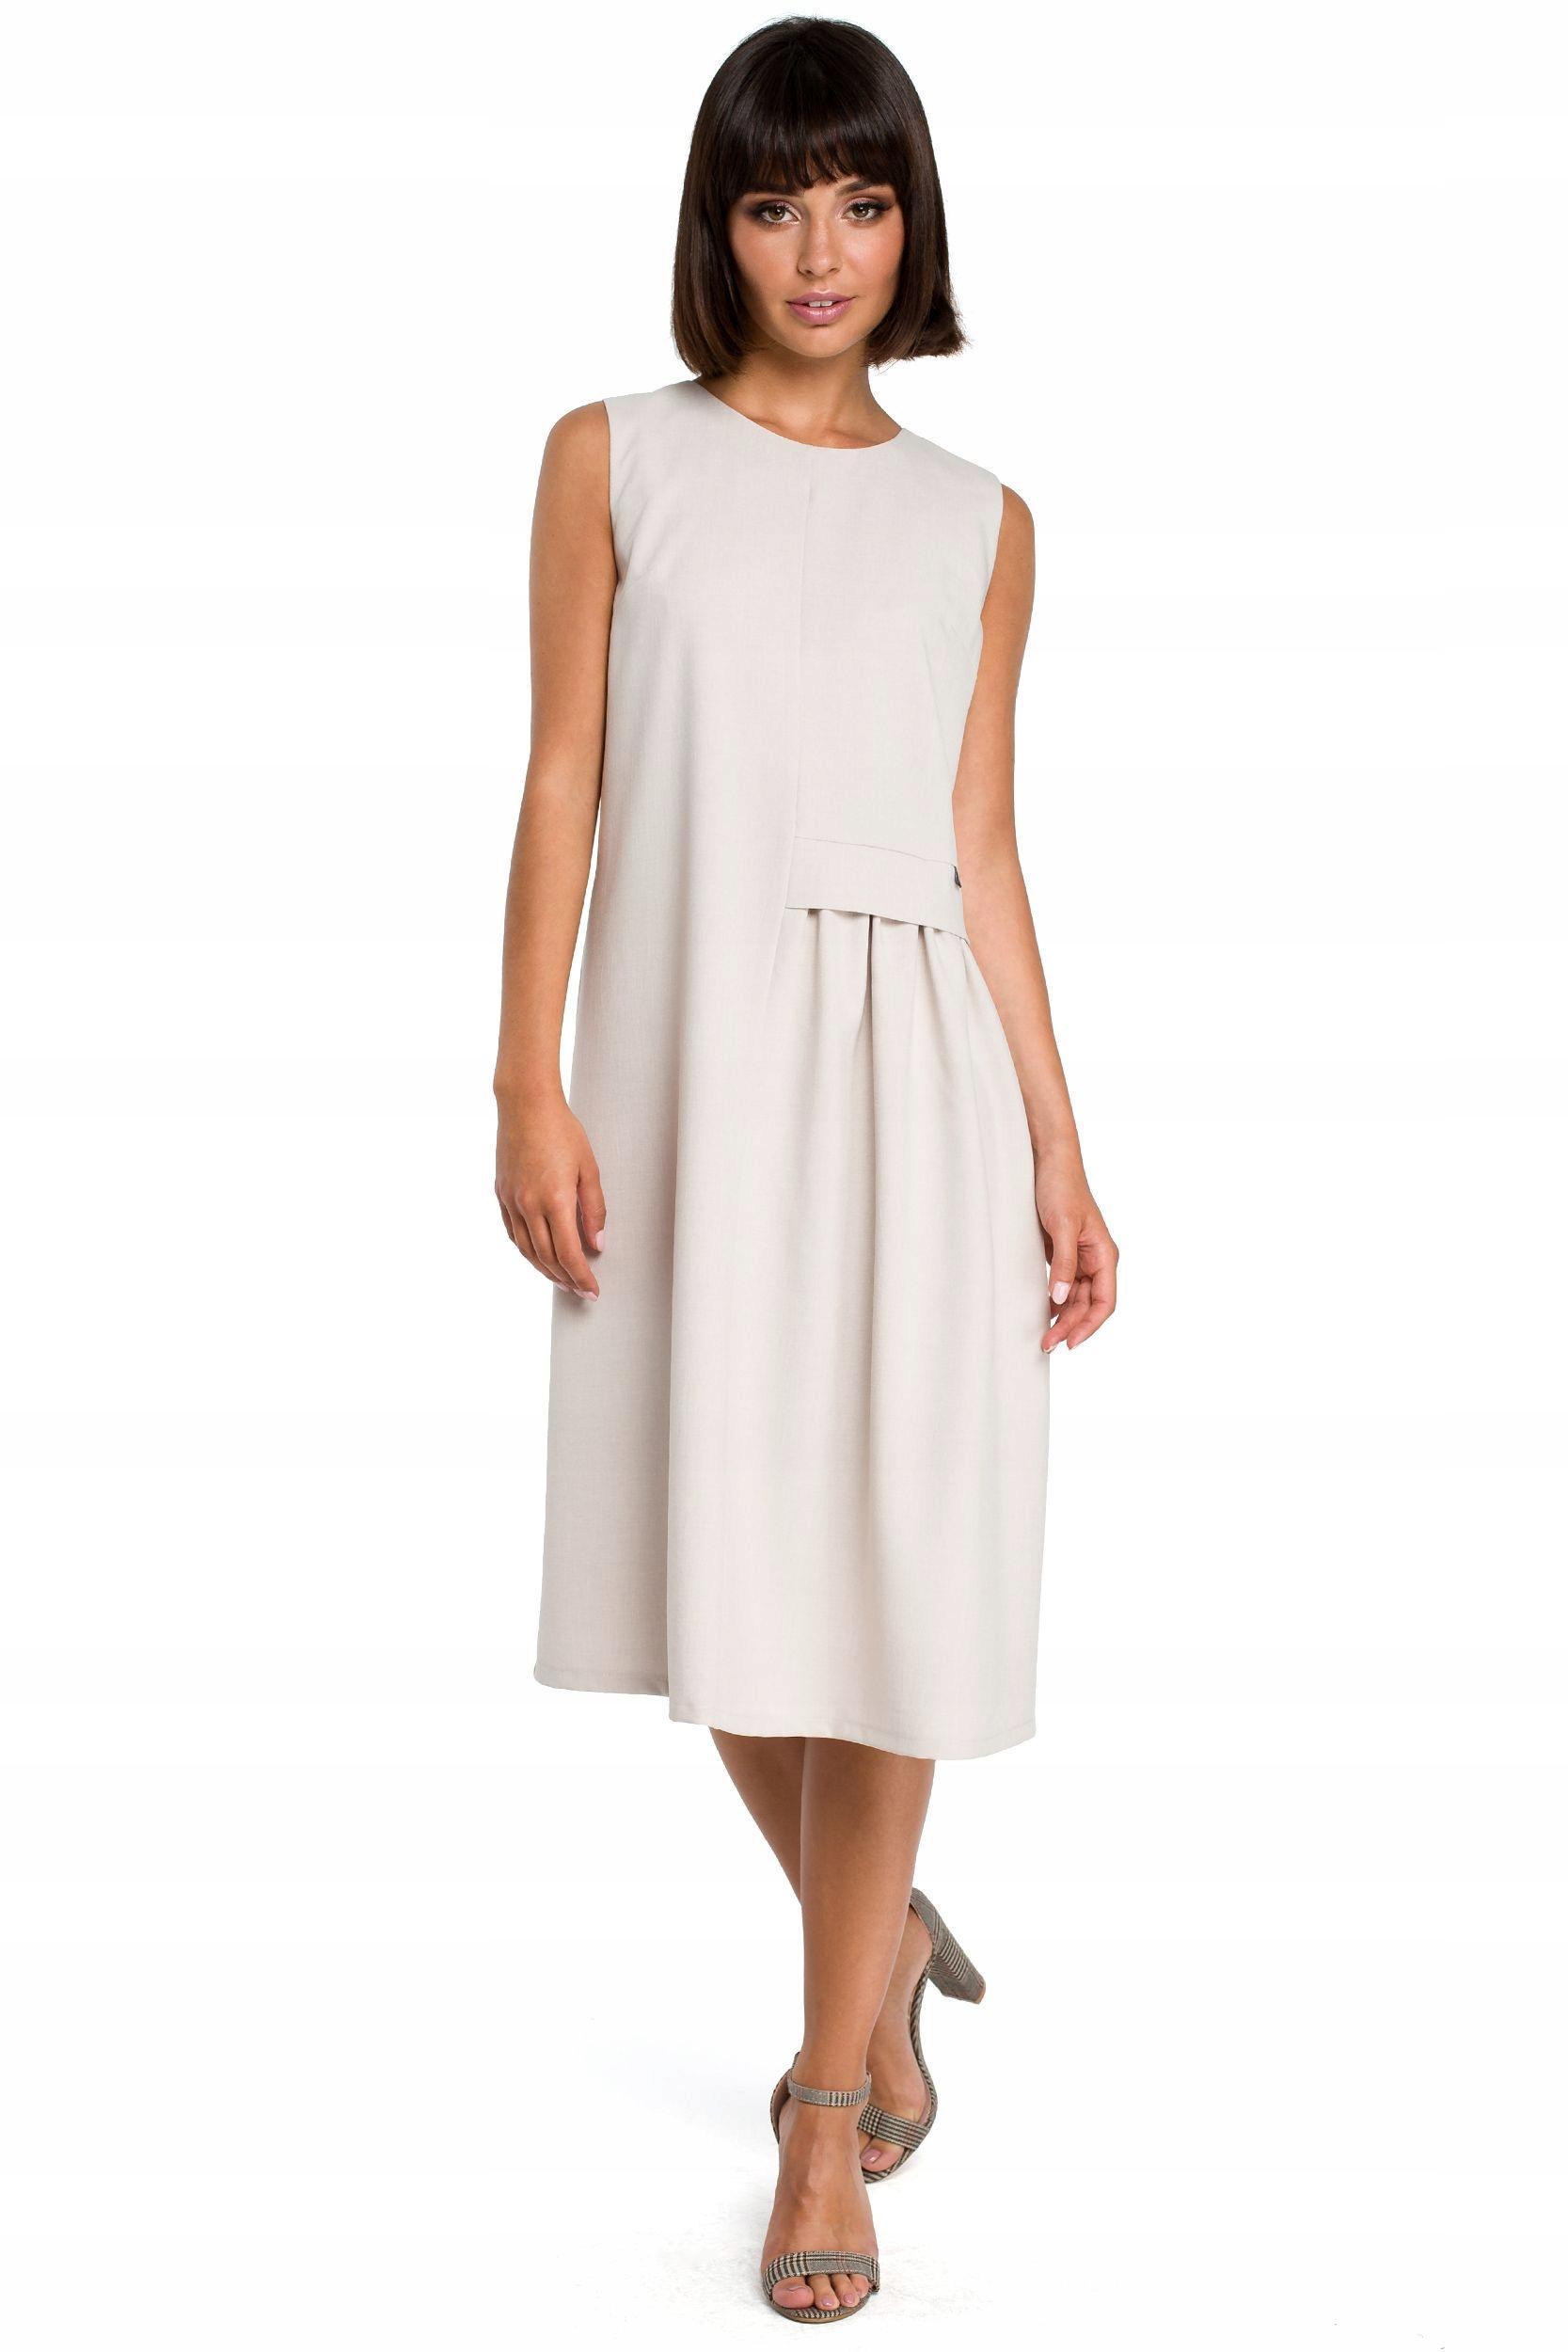 B080 Zwiewna sukienka midi bez rękawów - beżowa 42